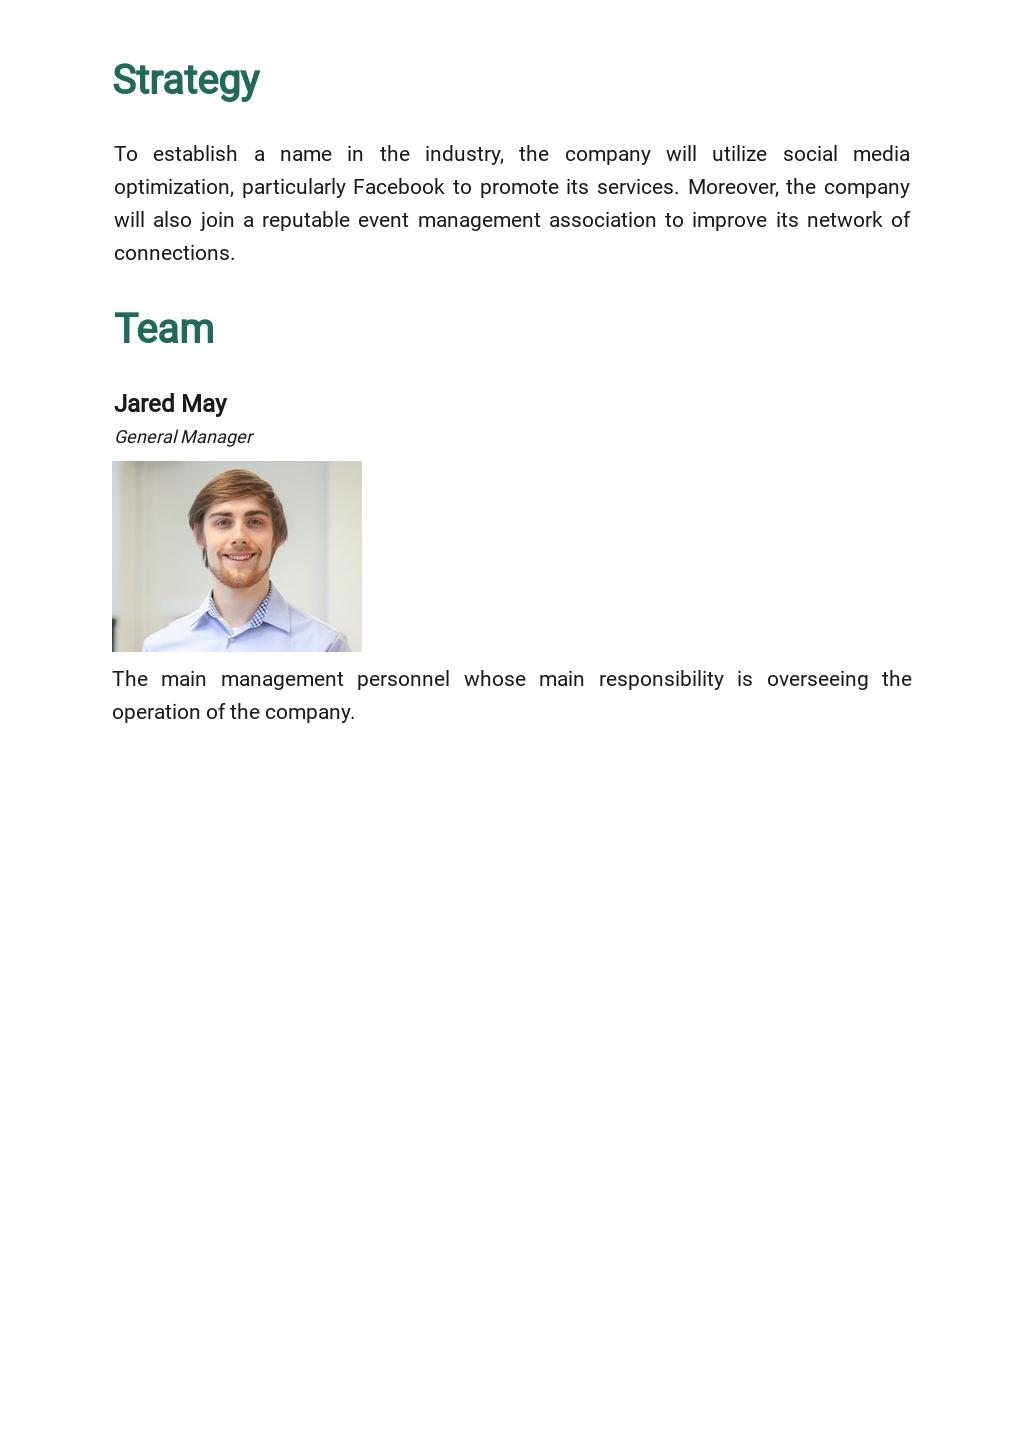 Event Management Development Plan Template 2.jpe